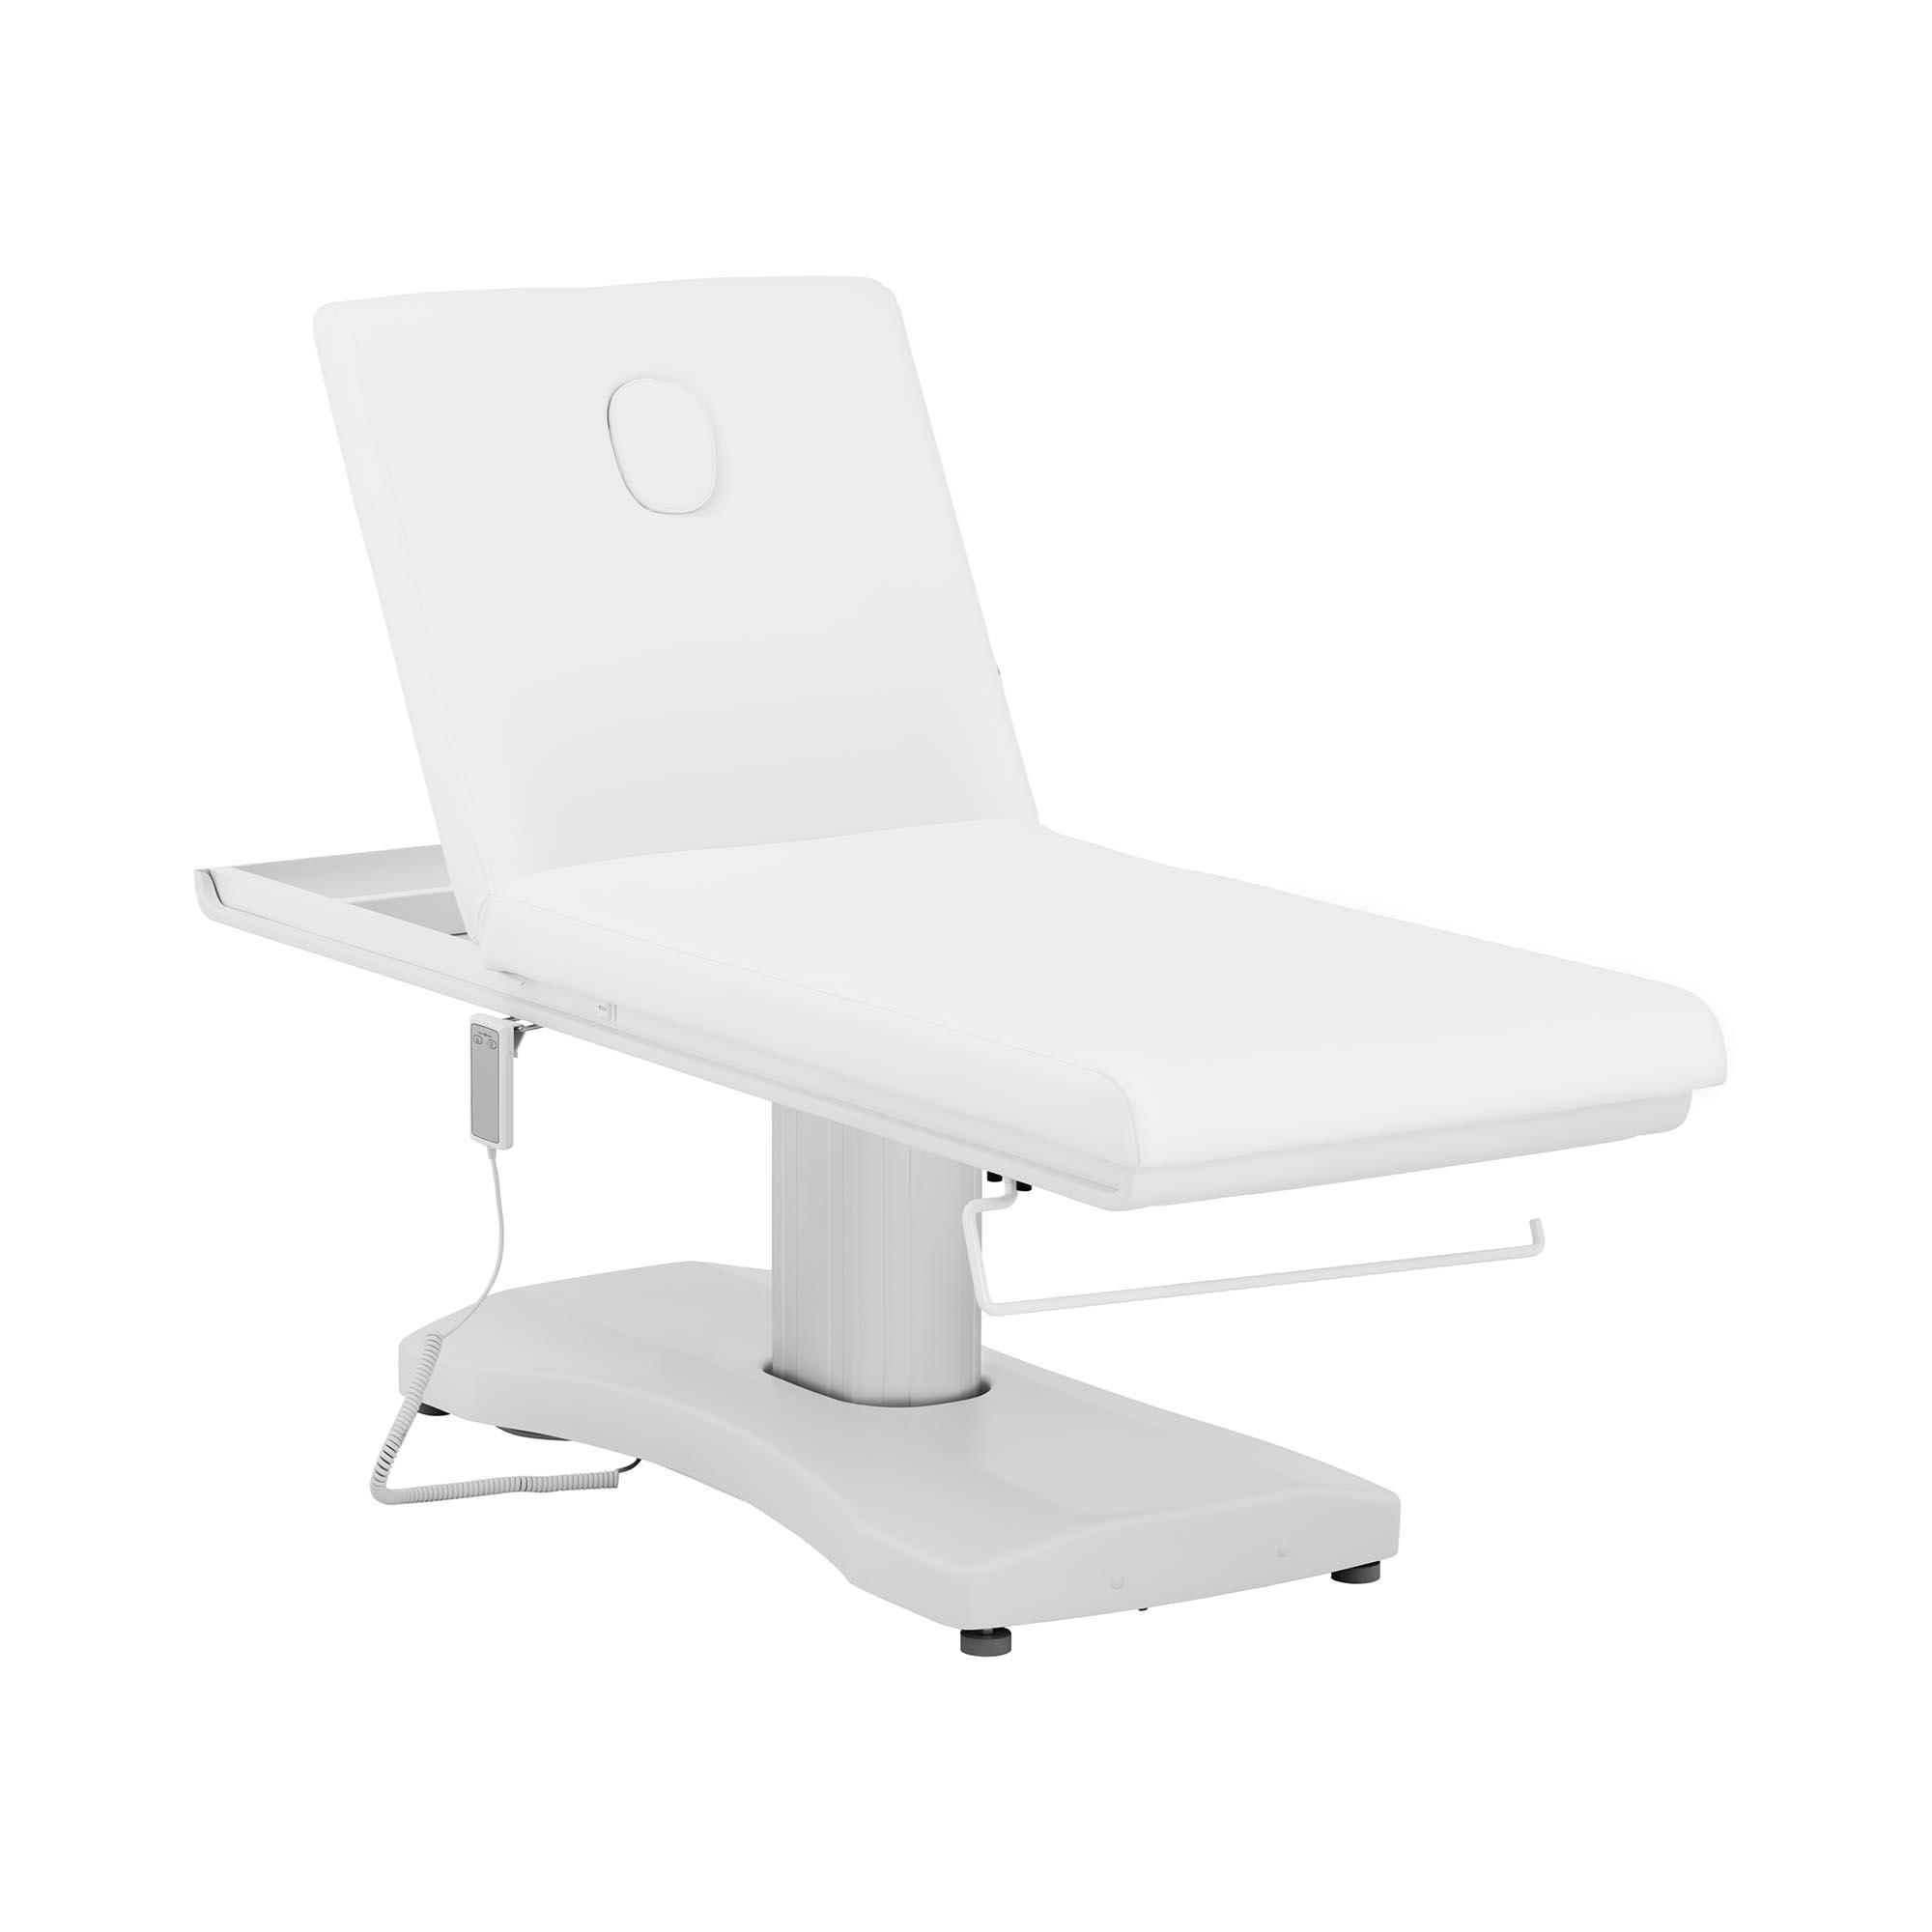 physa Massageliege LIMOGES WHITE - elektrisch - 175 kg